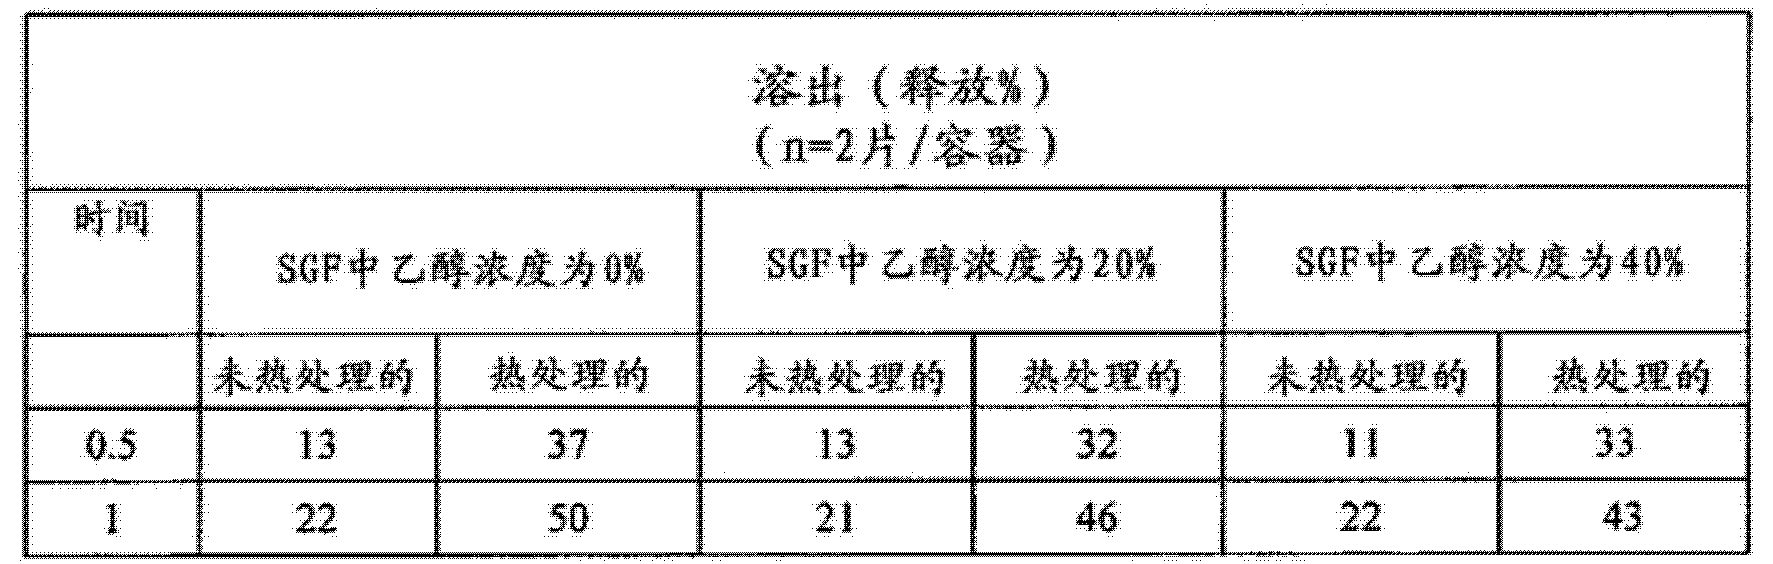 Figure CN102743355BD00621